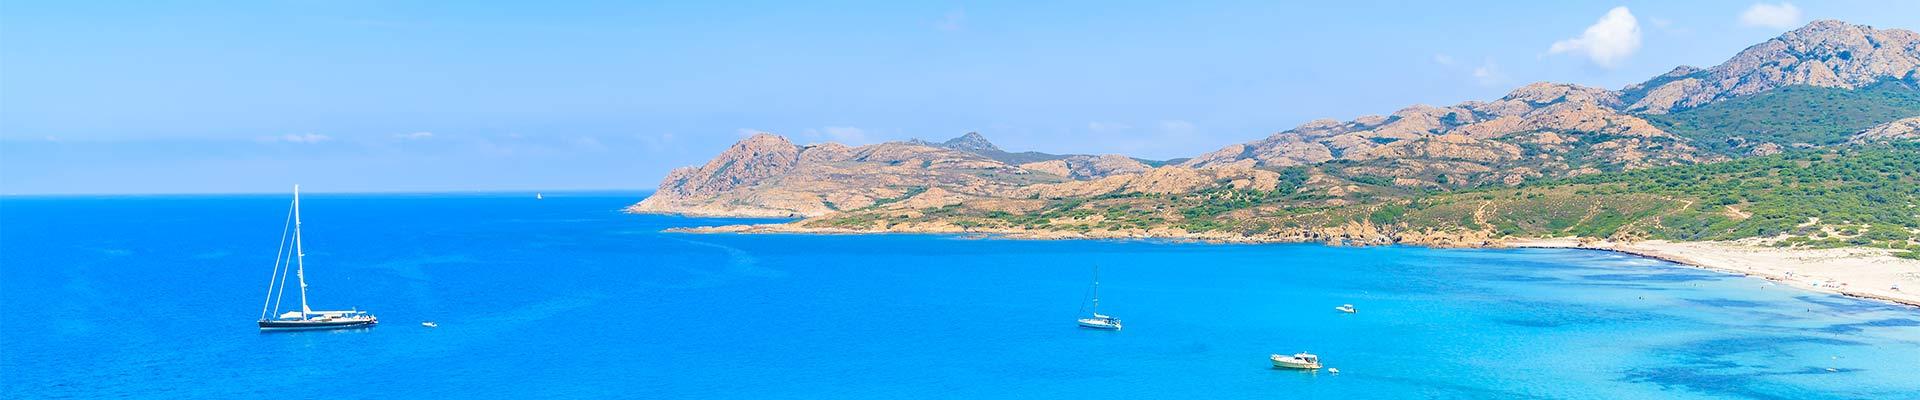 Un'isola da scoprire, tra spiagge e mare